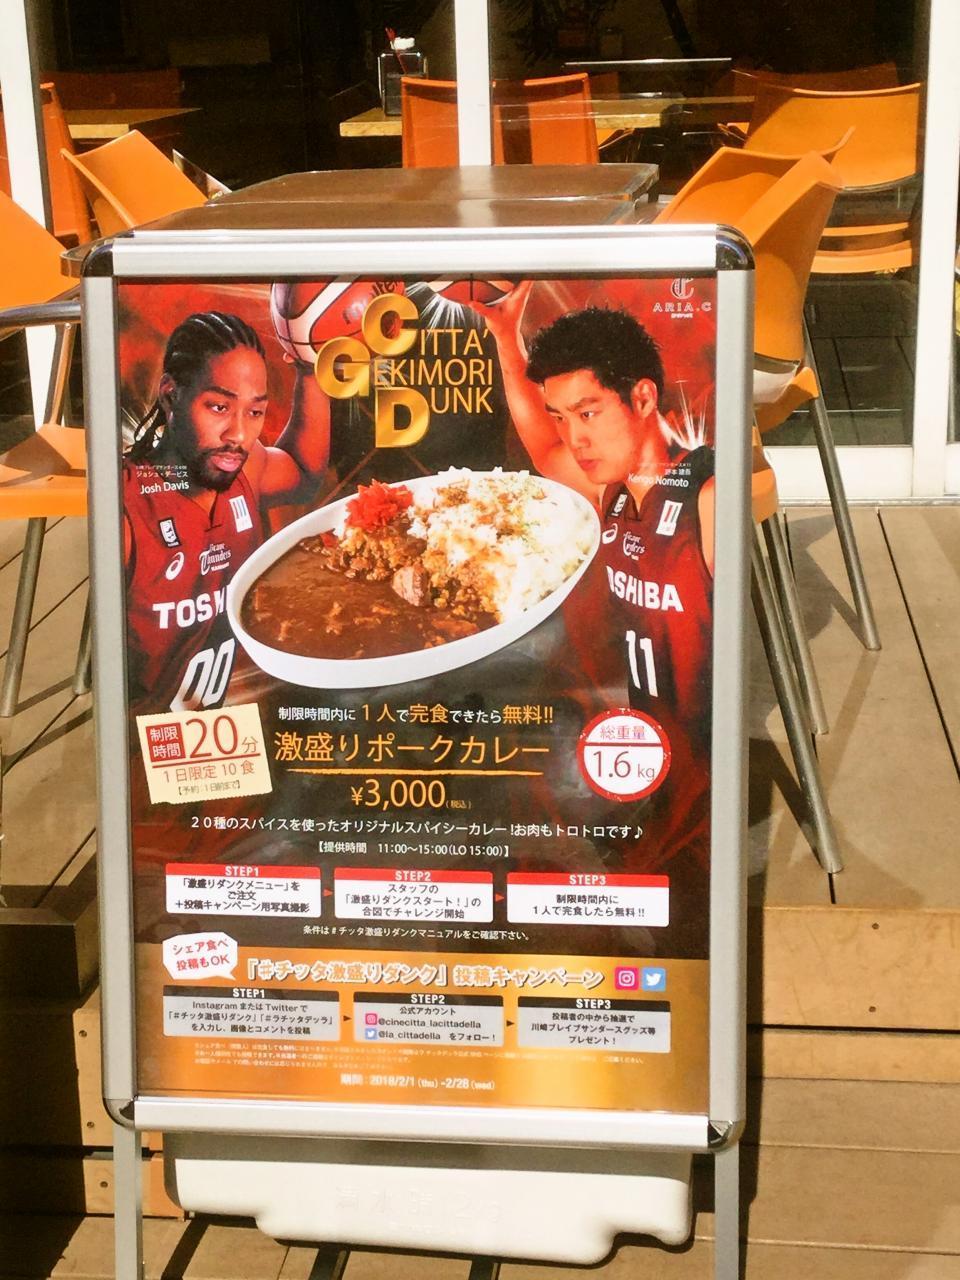 ARIA. C 川崎ラチッタデッラ店(チャレンジ)